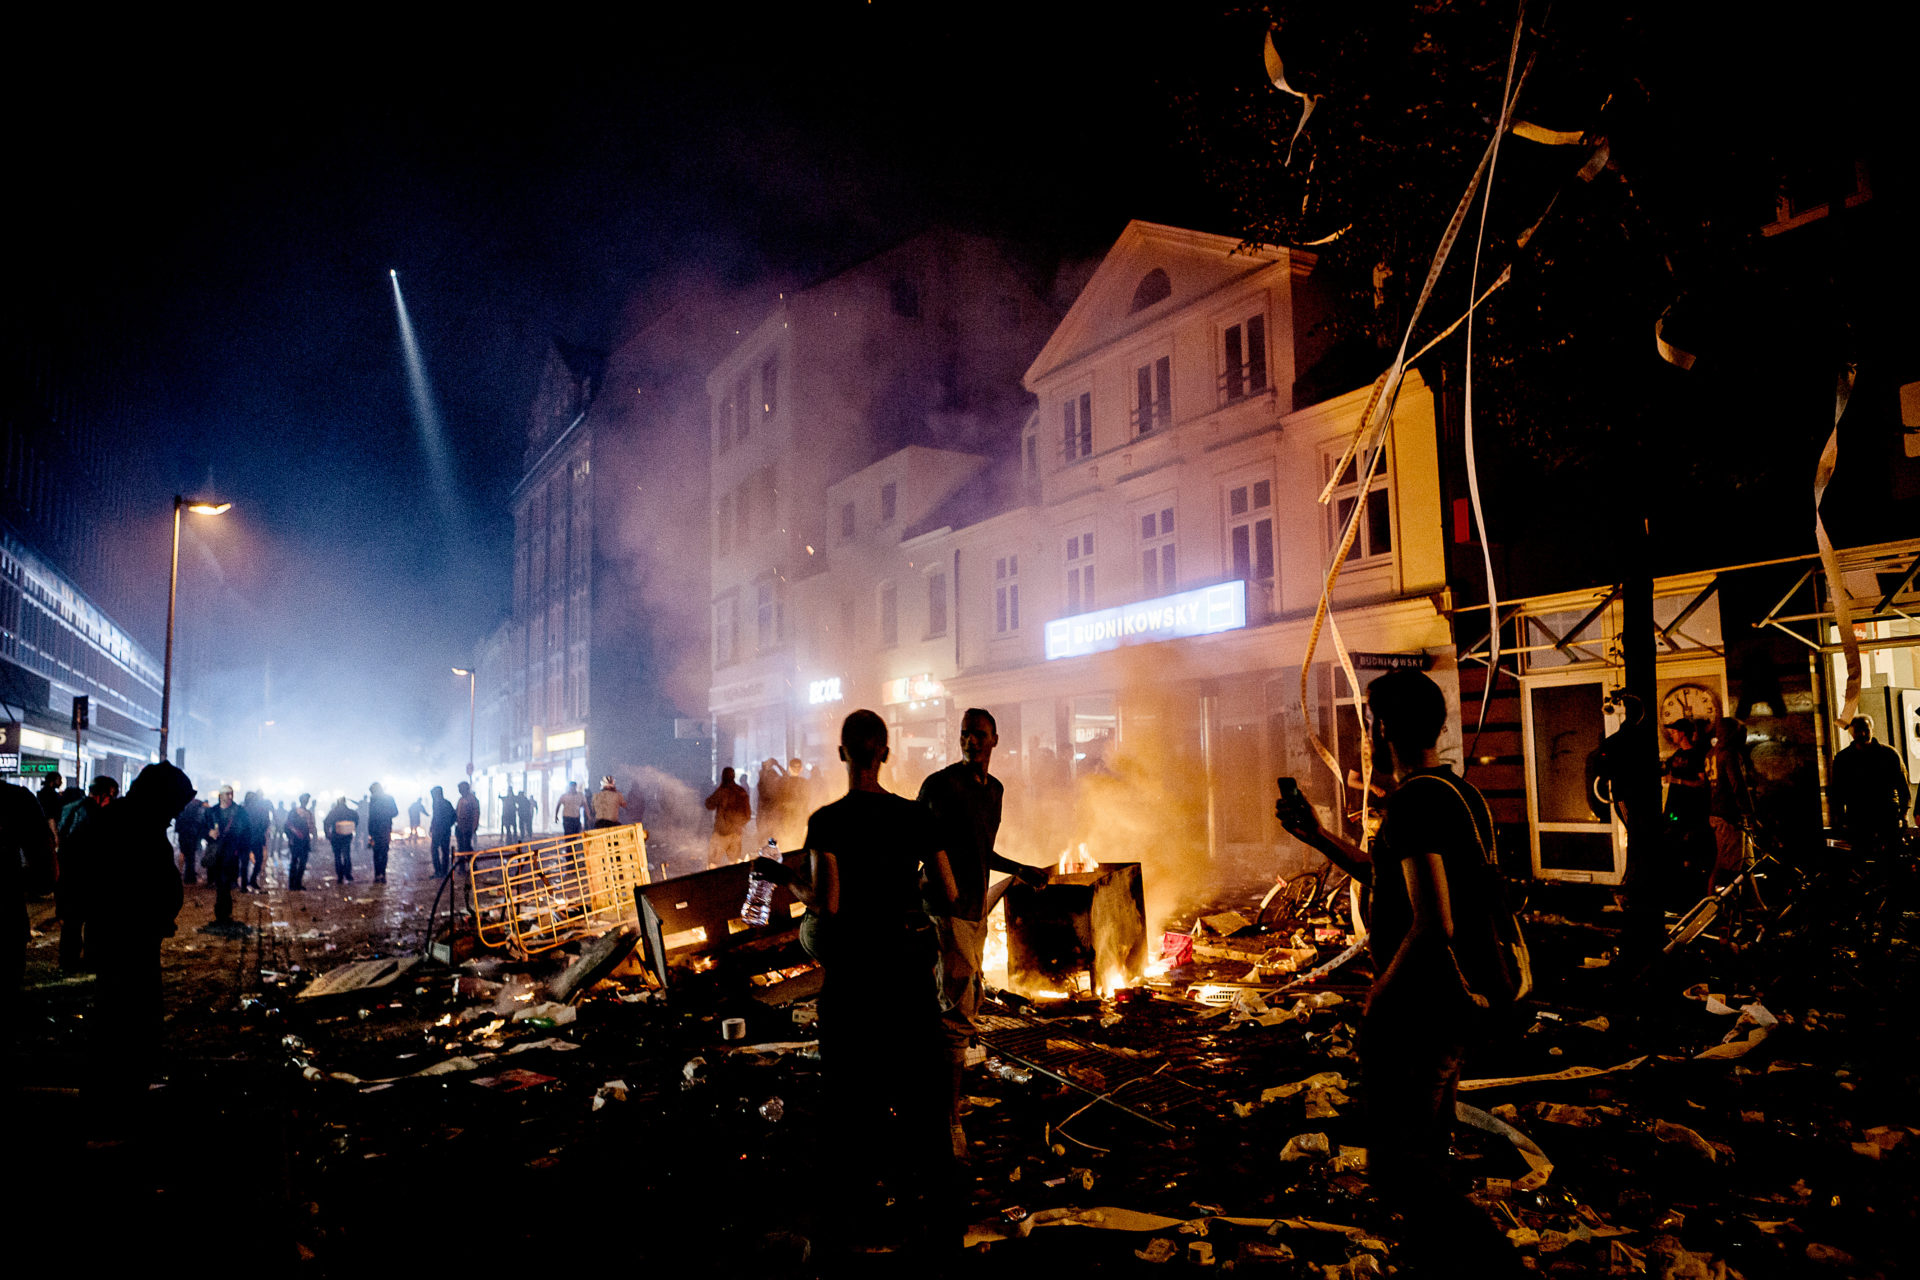 Nuit démeute à Sankt Pauli